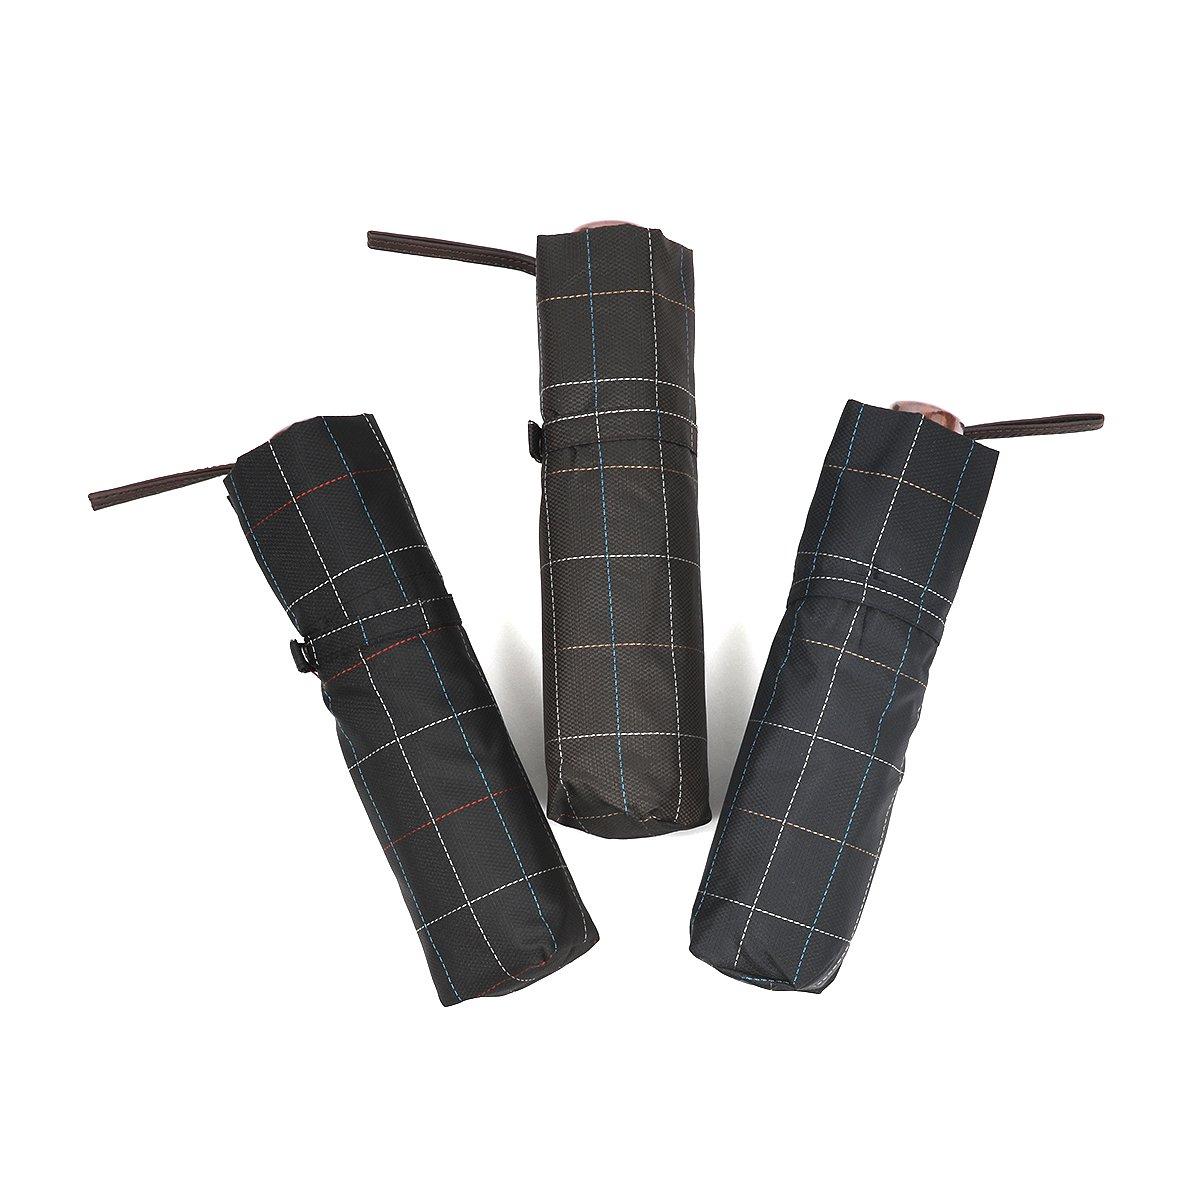 ステッチ ブロックチェック 耐風骨 折りたたみ傘 詳細画像9